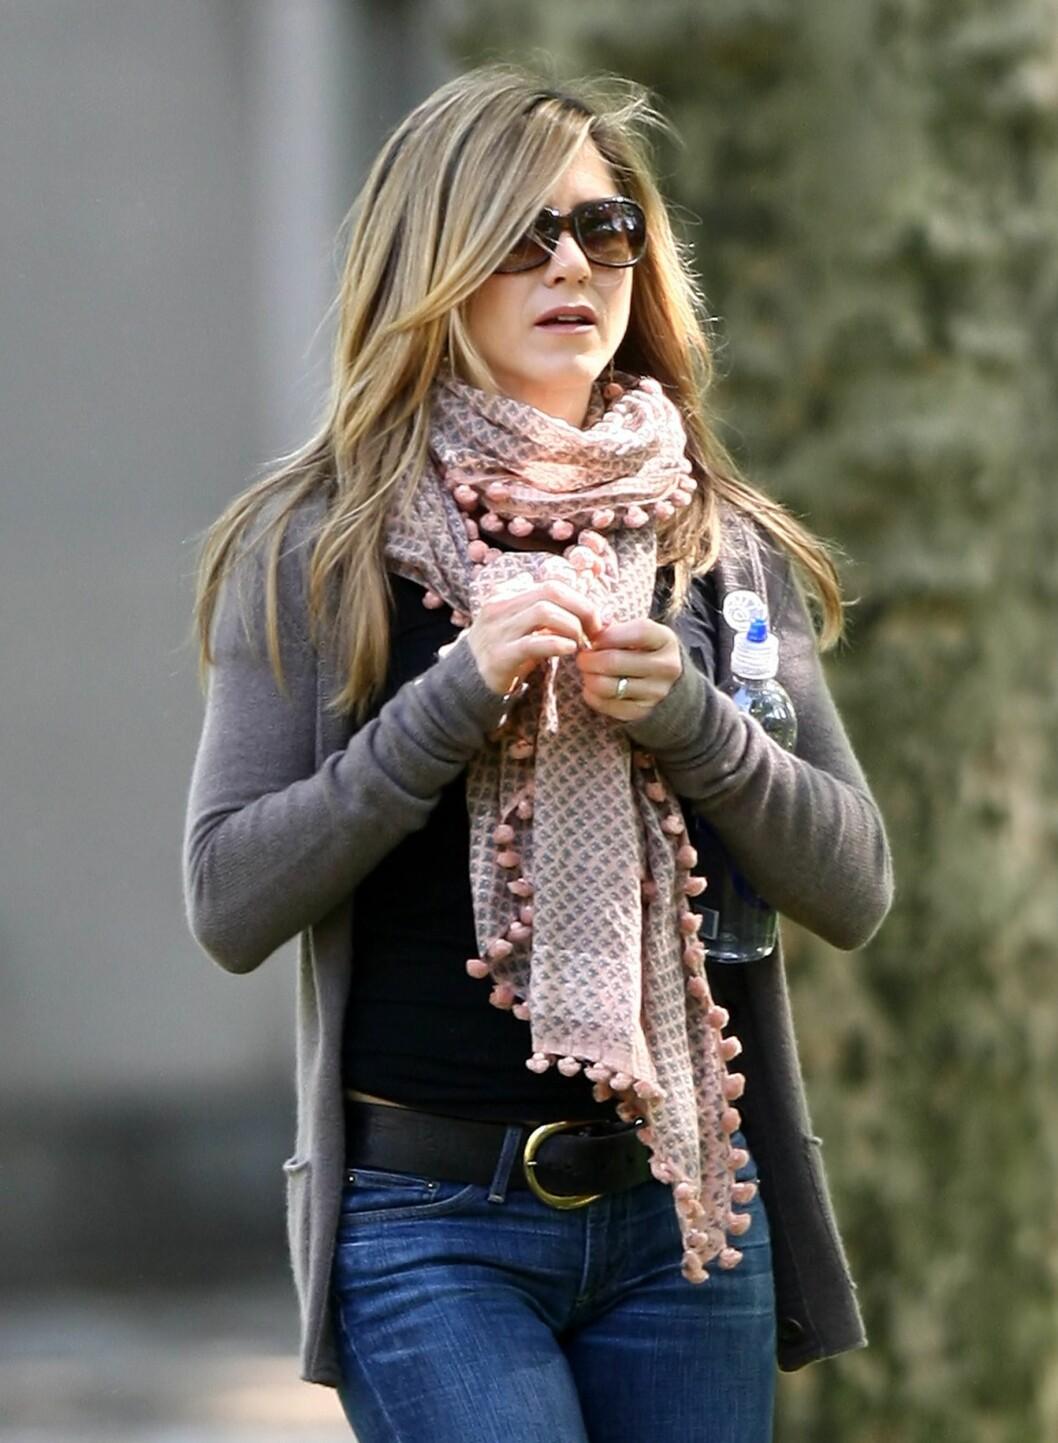 Jennifer Aniston holder varmen på en stilfull måte.  Foto: All Over Press